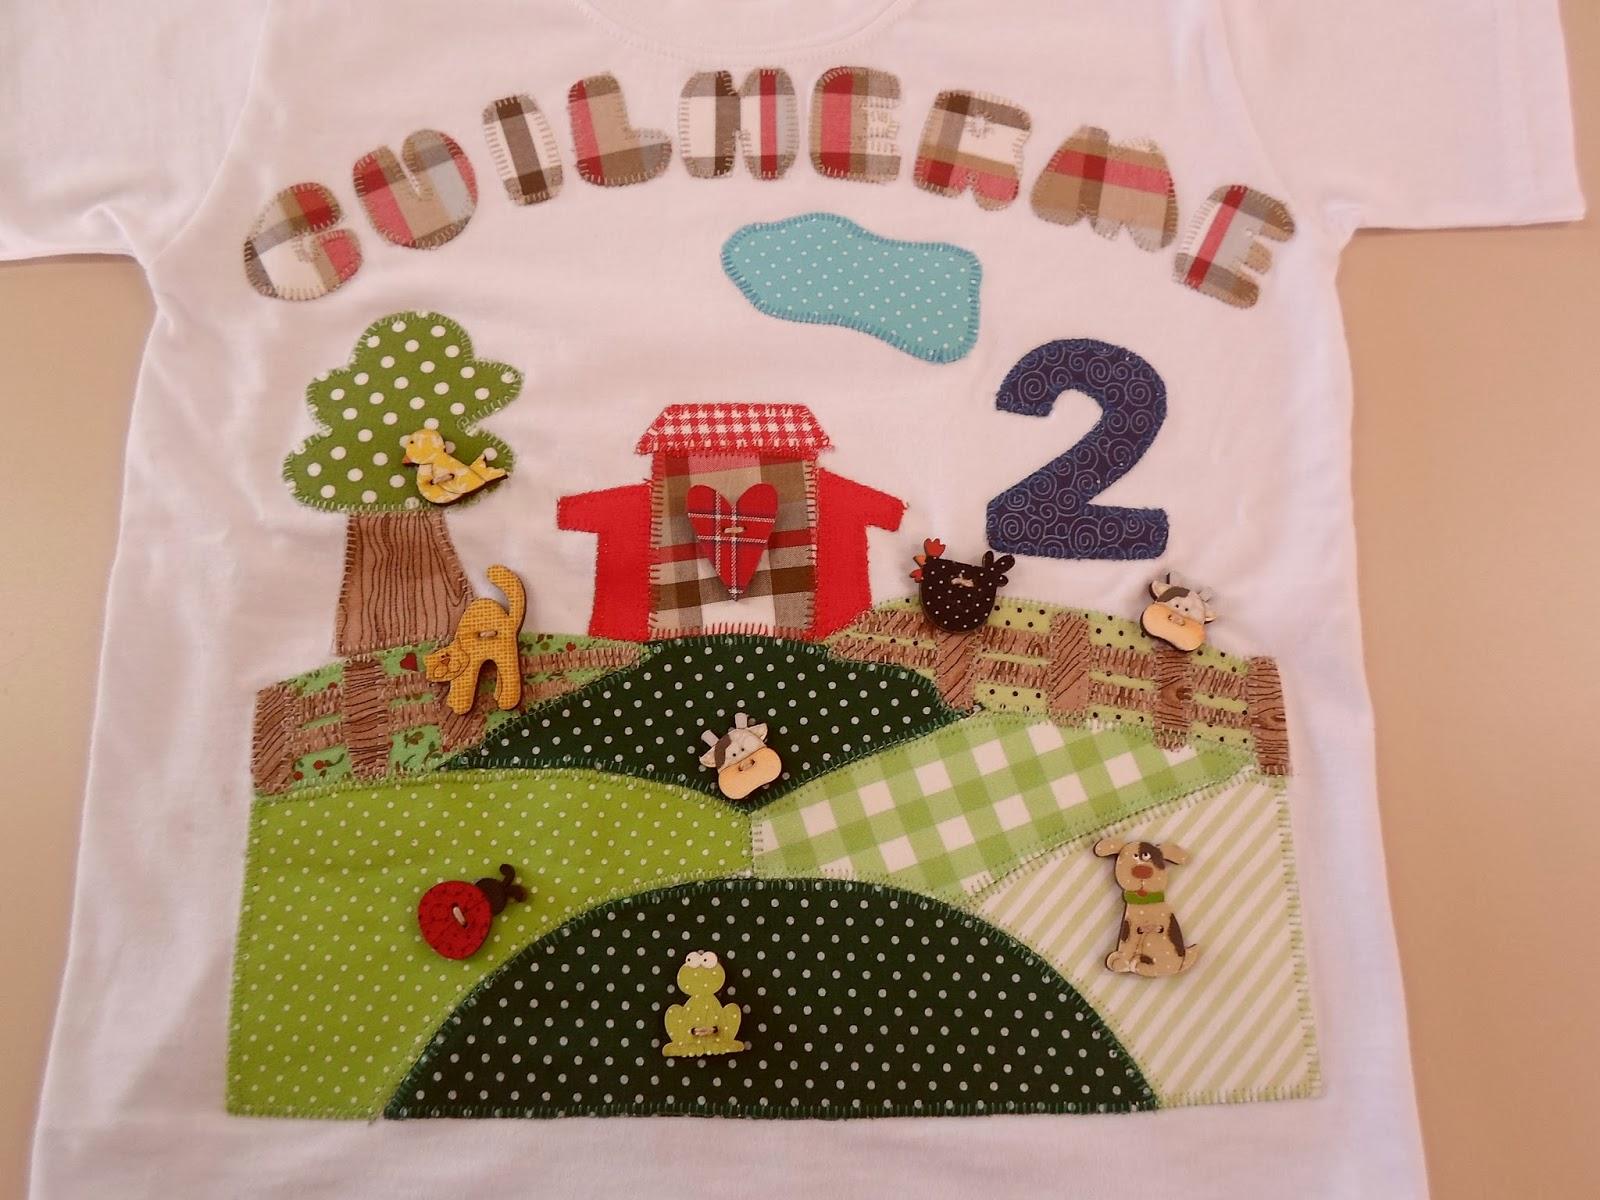 f072bf3f74 Camiseta fofo que fiz pro aniversário do Guilherme com o tema Fazendinha !